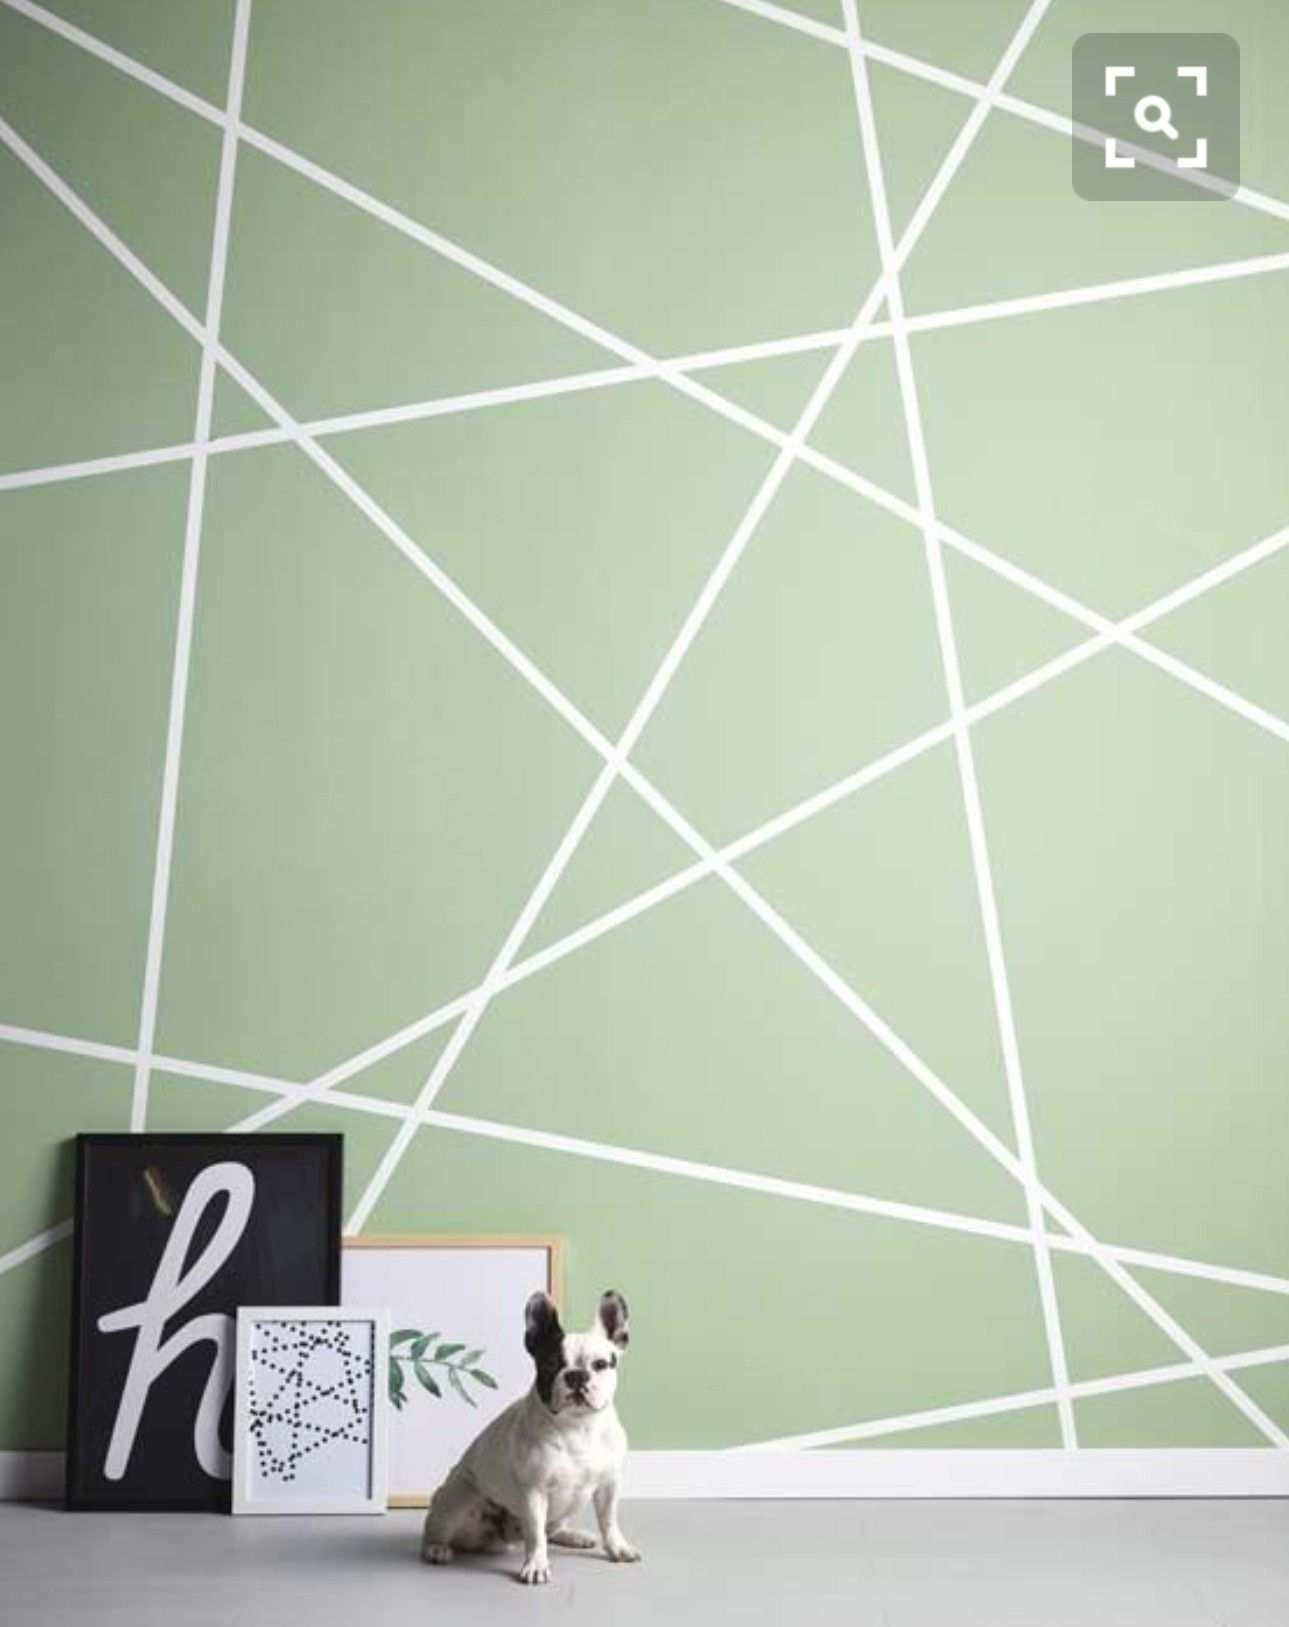 Geometrische Wand Geometrische Wand Schlafzimmer Wand Designs Wandgestaltung Wohnzimmer Farbe